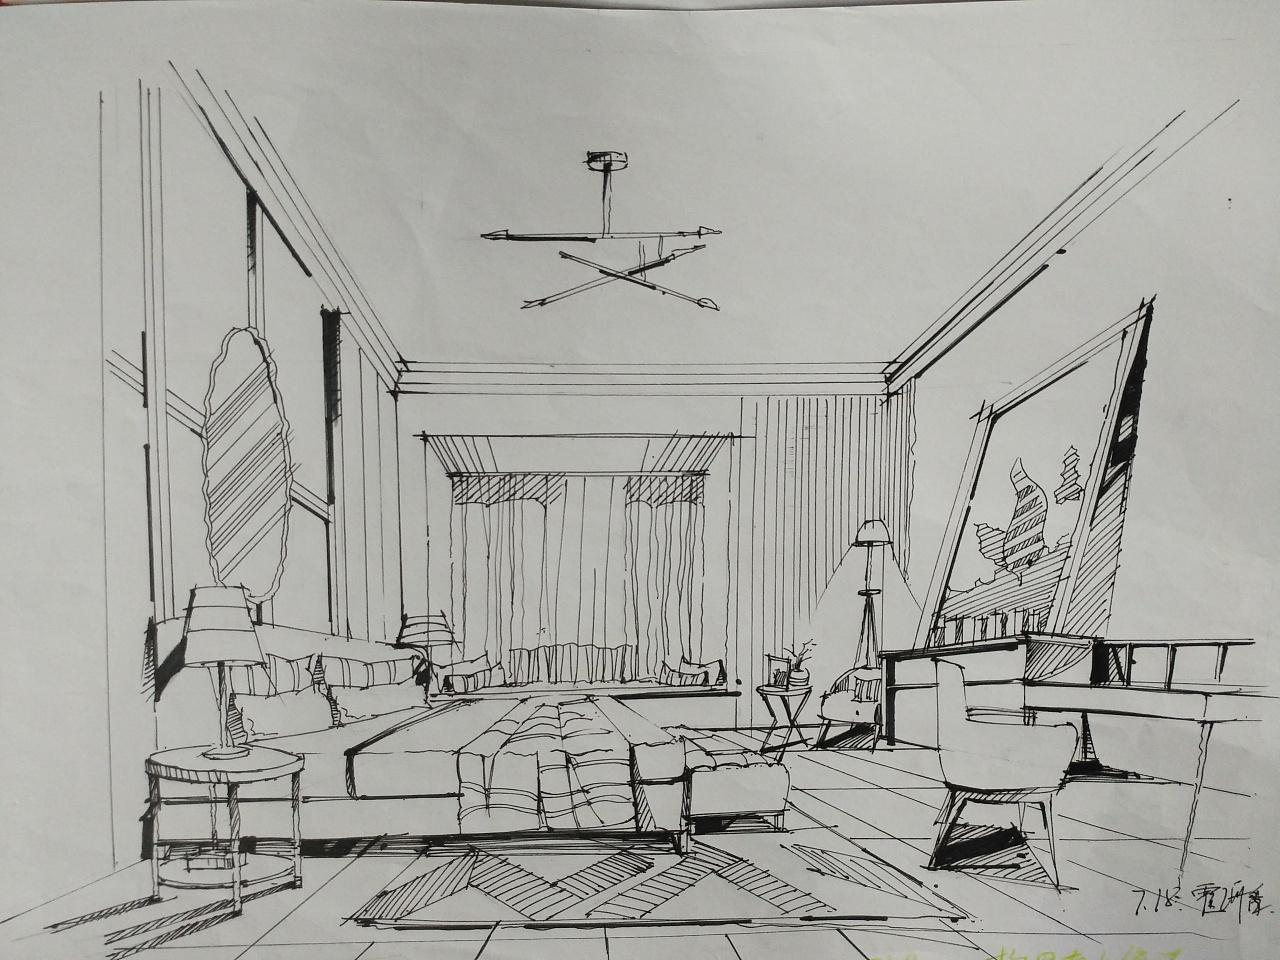 室内手绘效果图|空间|室内设计|z07000596 - 临摹作品